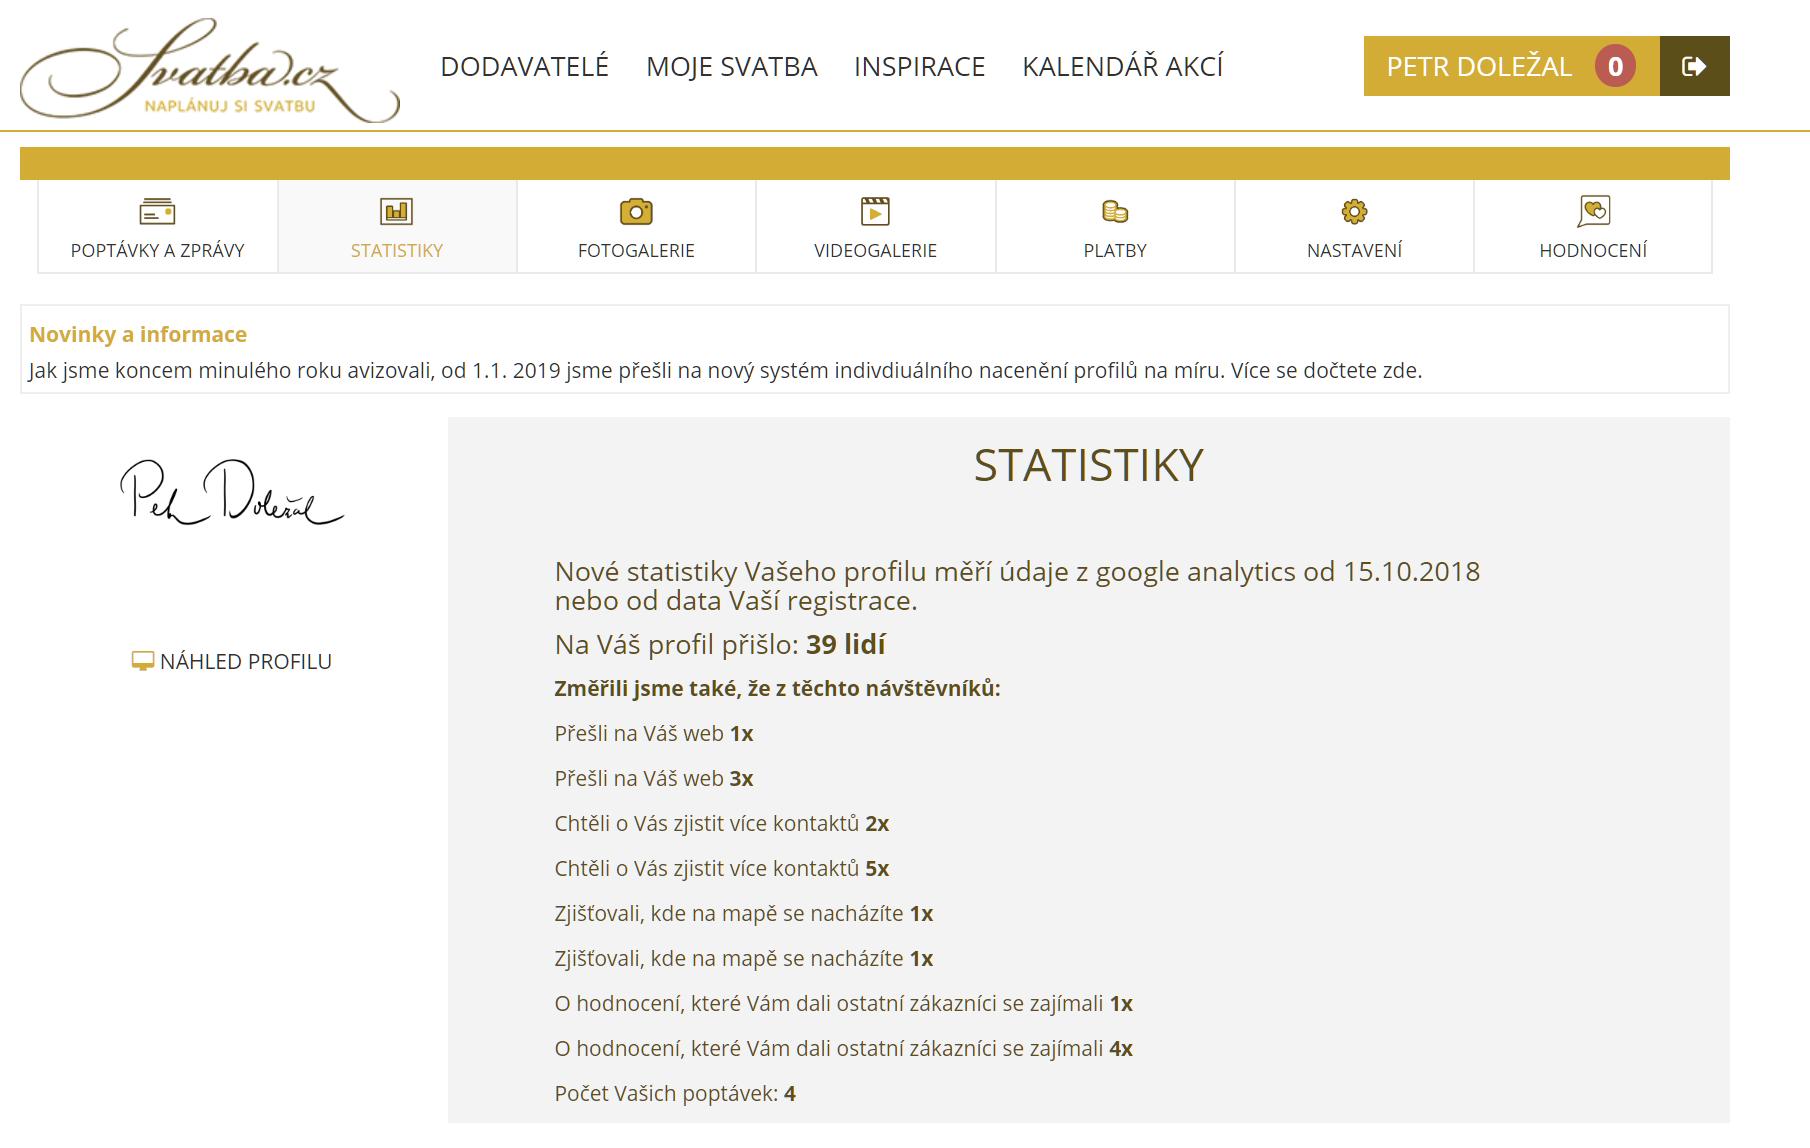 statistiky svatba.cz